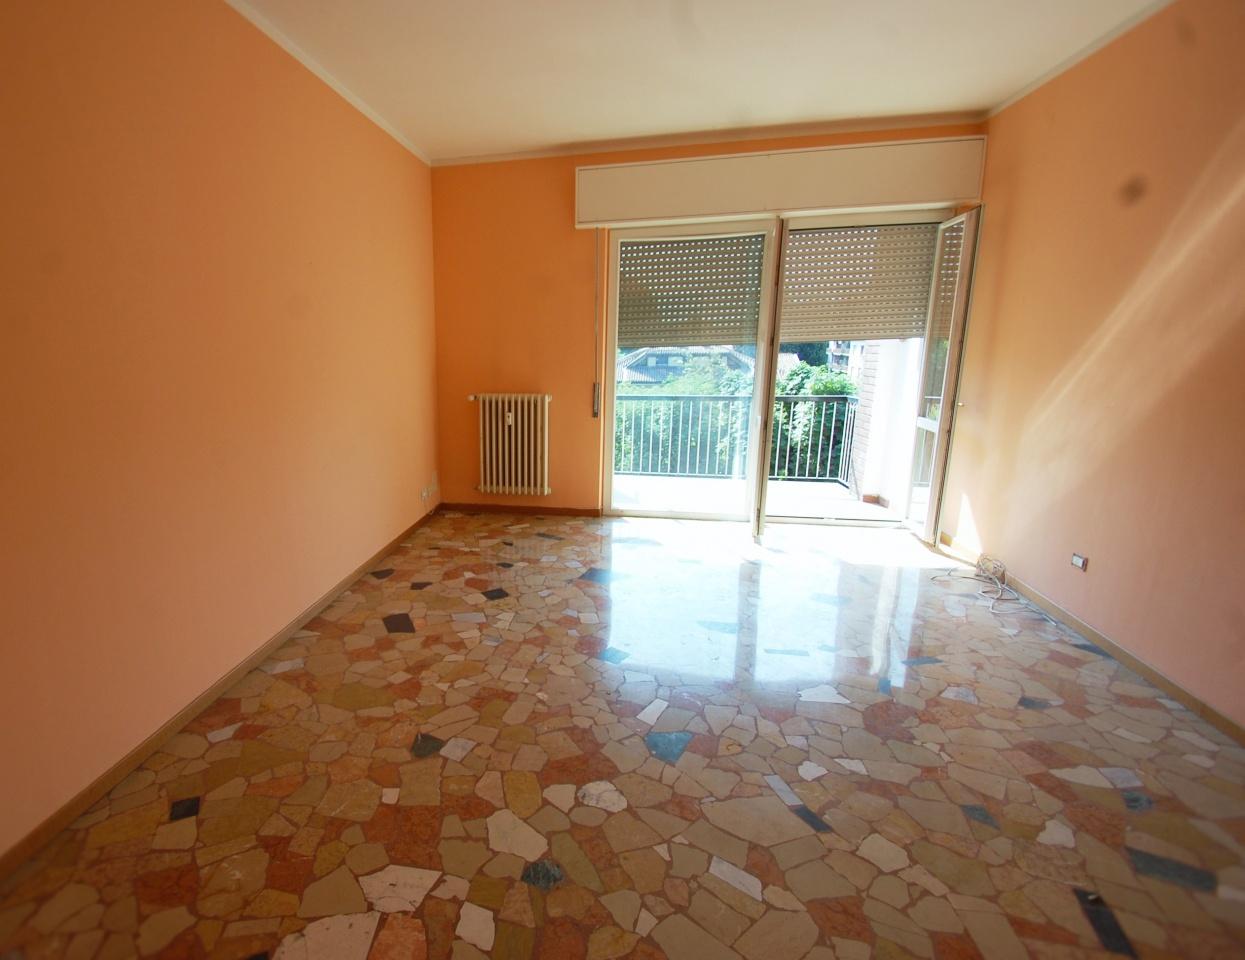 Appartamento in affitto a Bergamo, 3 locali, prezzo € 700 | CambioCasa.it